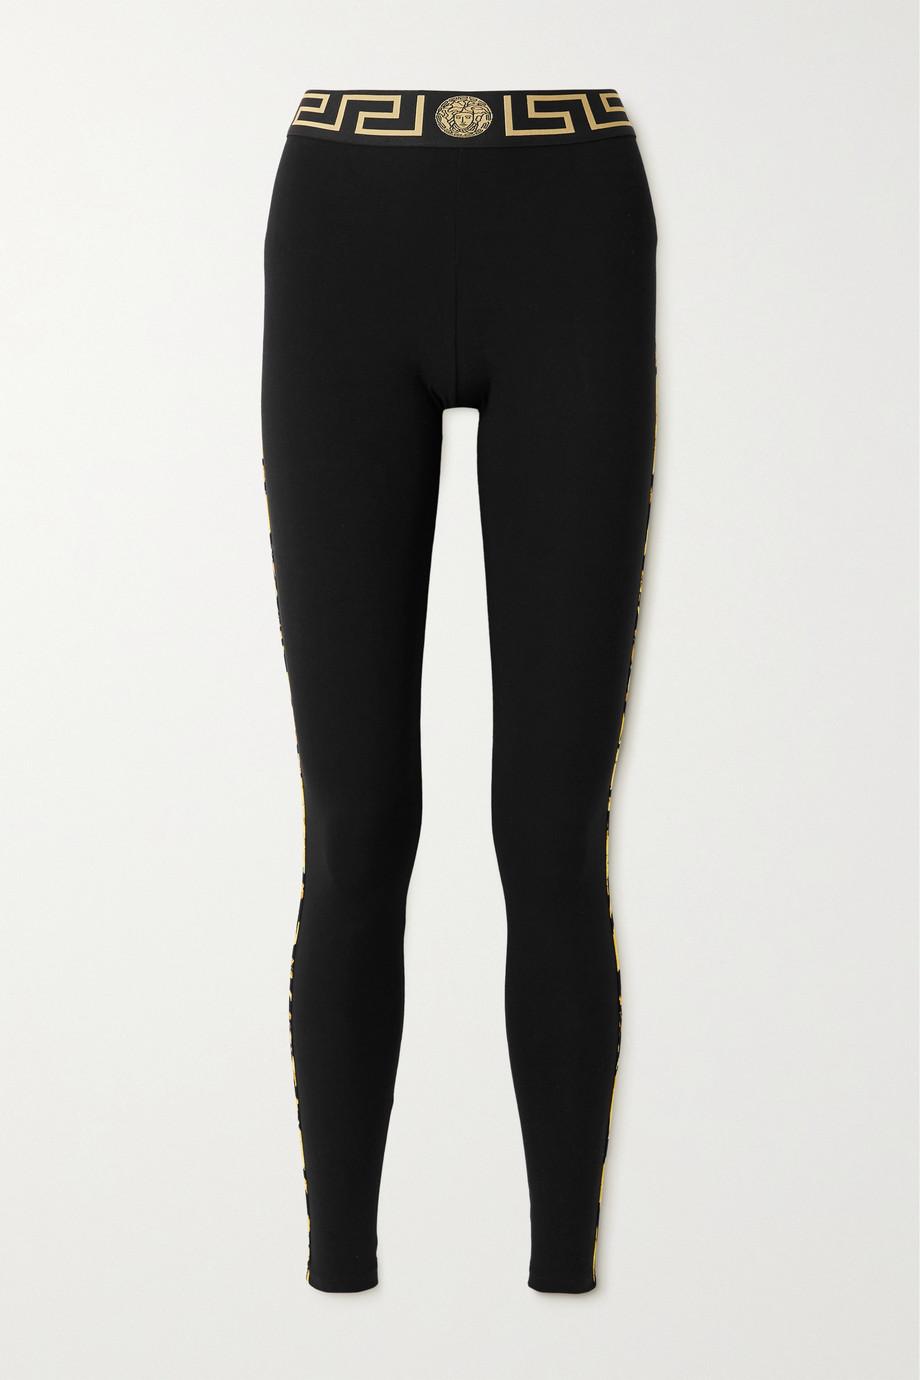 Versace Leggings aus Stretch-Baumwoll-Jersey mit Streifen